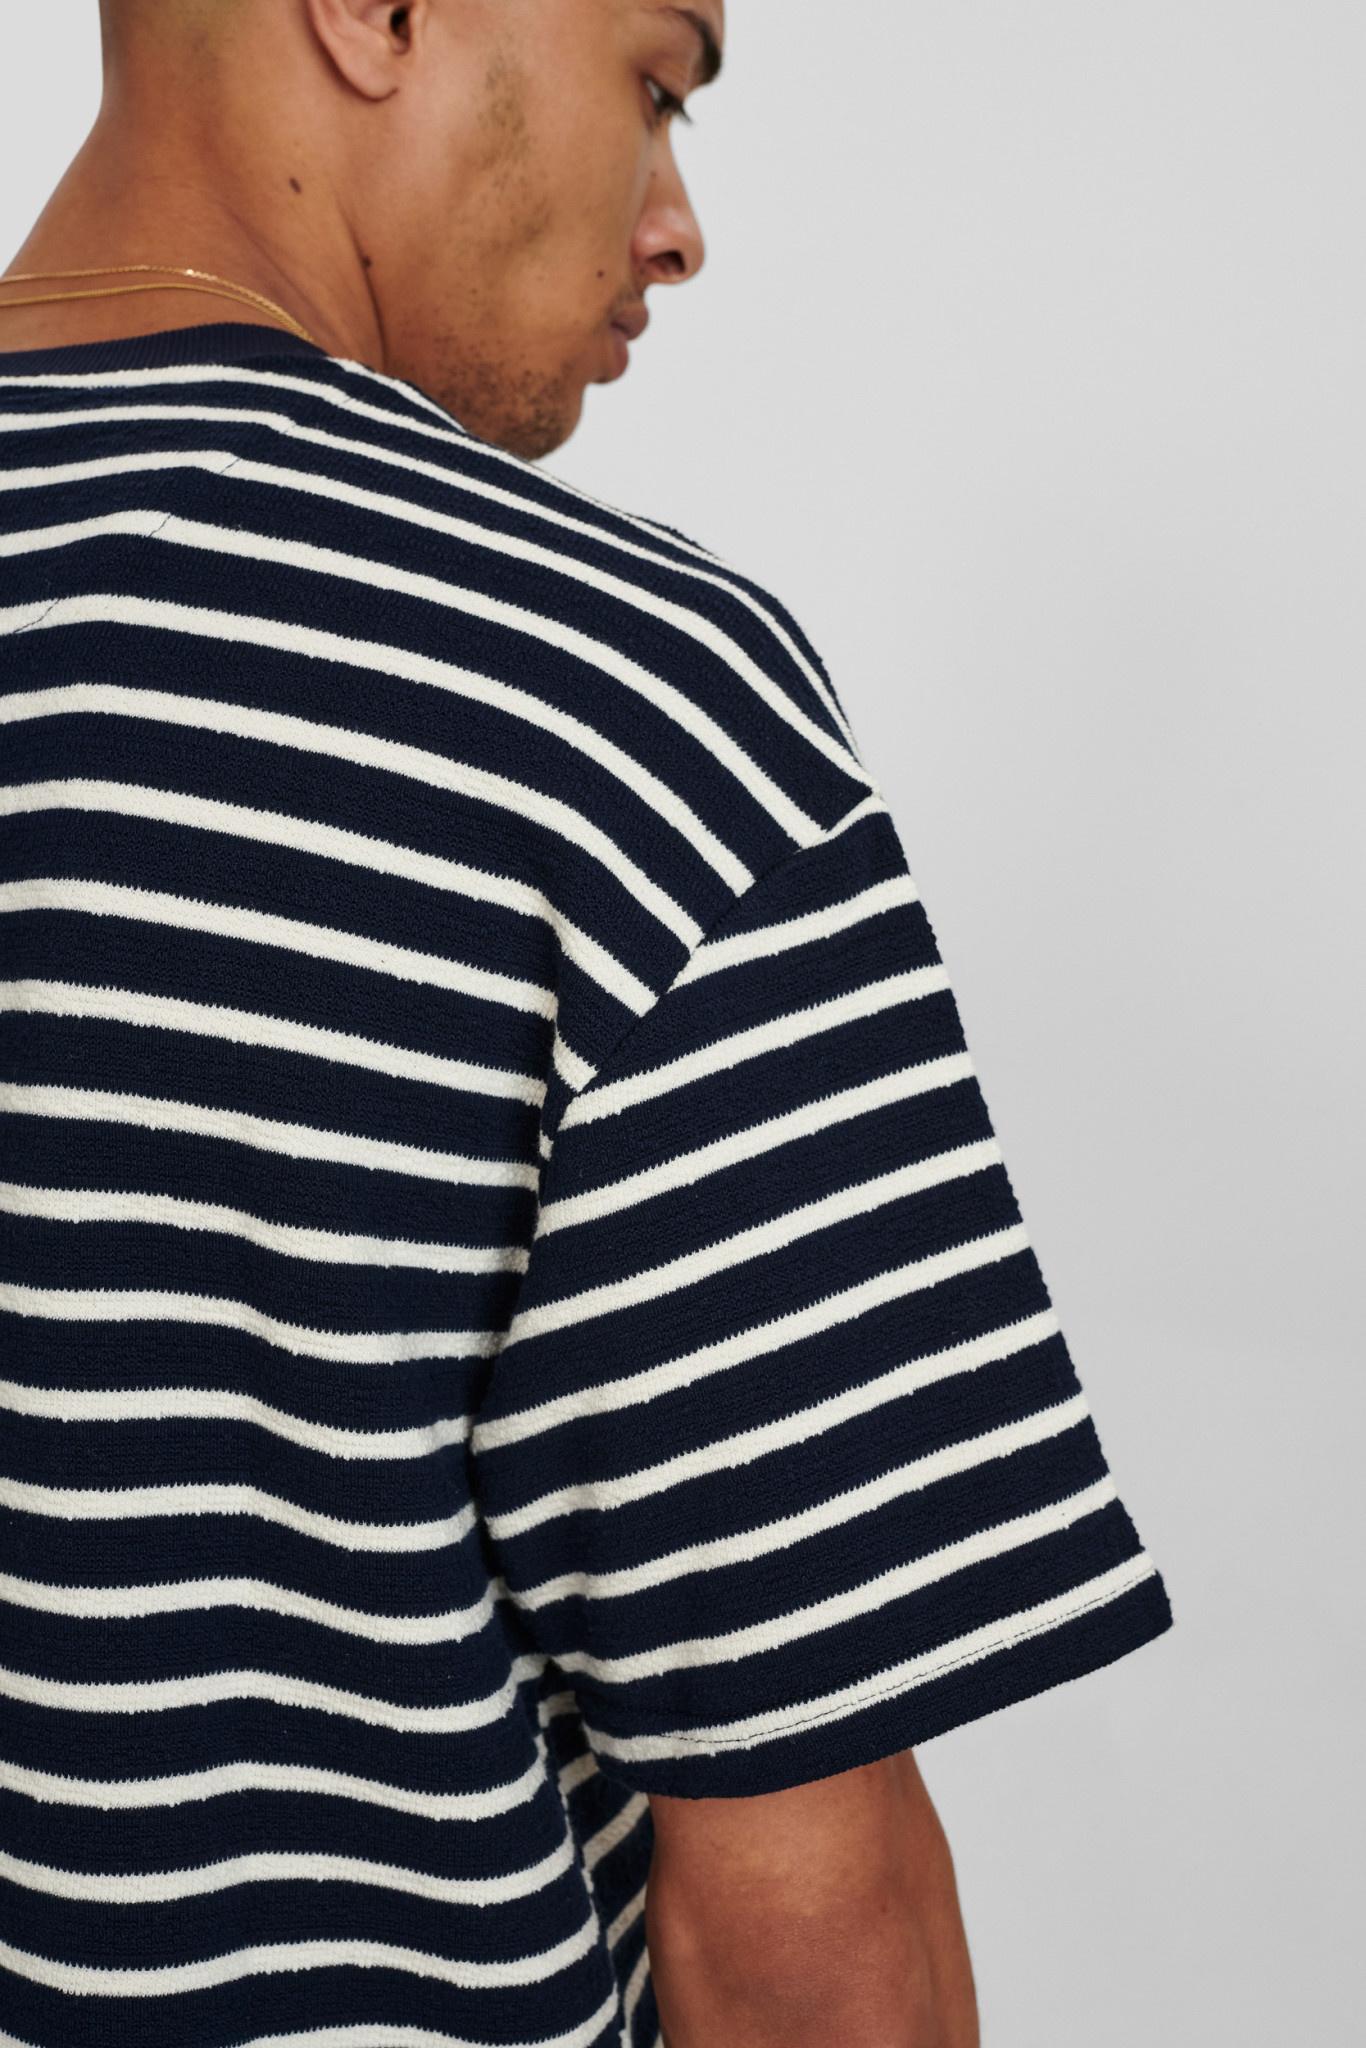 Anerkjendt Anerkjendt AkHolger Stripe Tee 900361 Sky Captain Navy